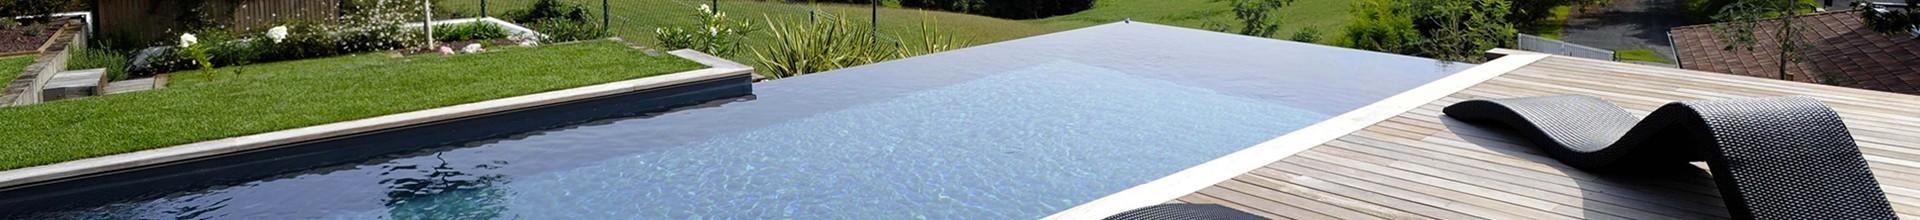 Projet piscine Provence Alpes Côte d'Azur : coque polyester